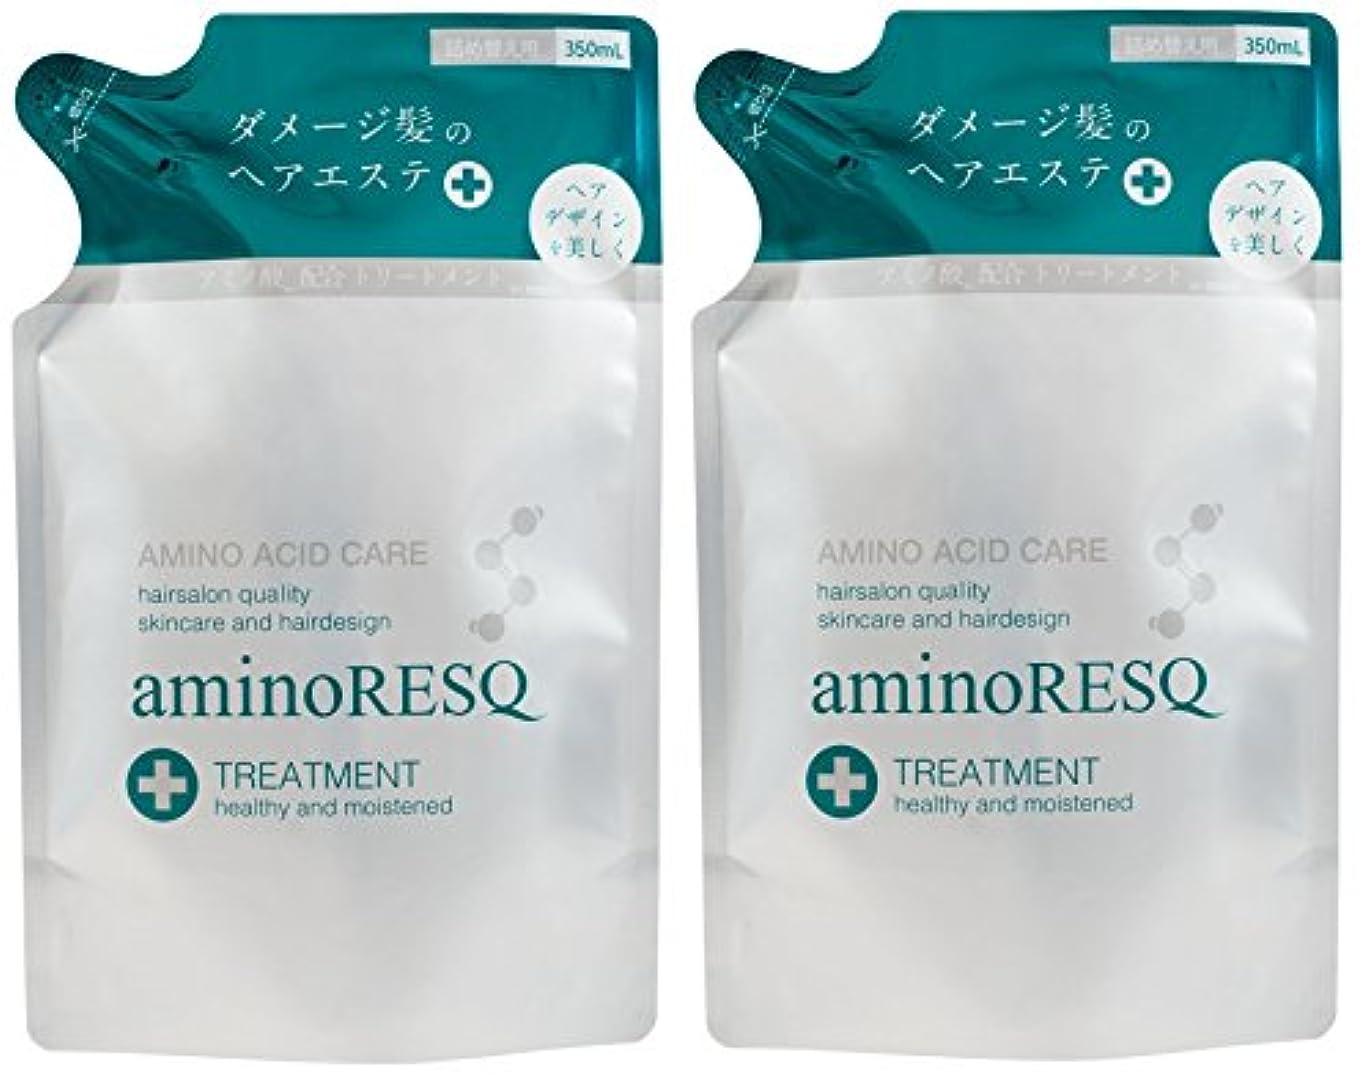 合成予測するコンピューターゲームをプレイする【2個セット】aminoRESQ アミノレスキュー トリートメント詰替